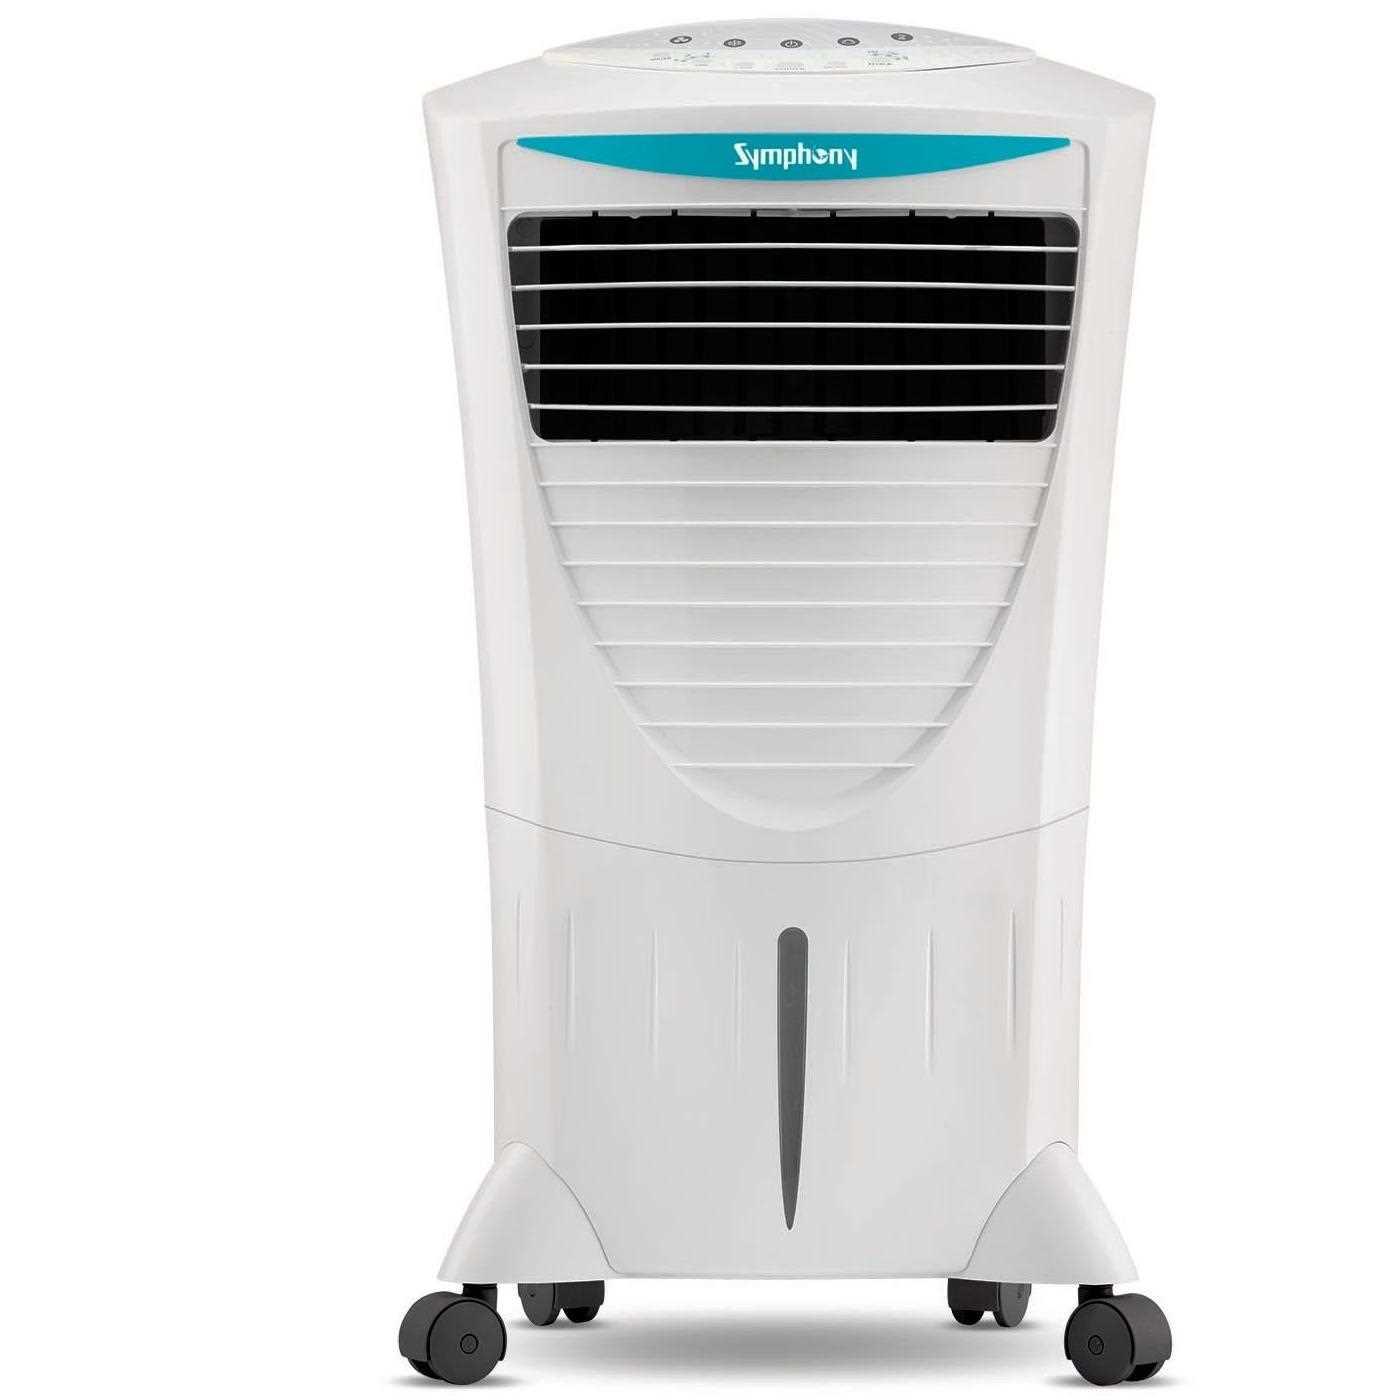 Symphony HI Cool I 31 Litre Personal Air Cooler